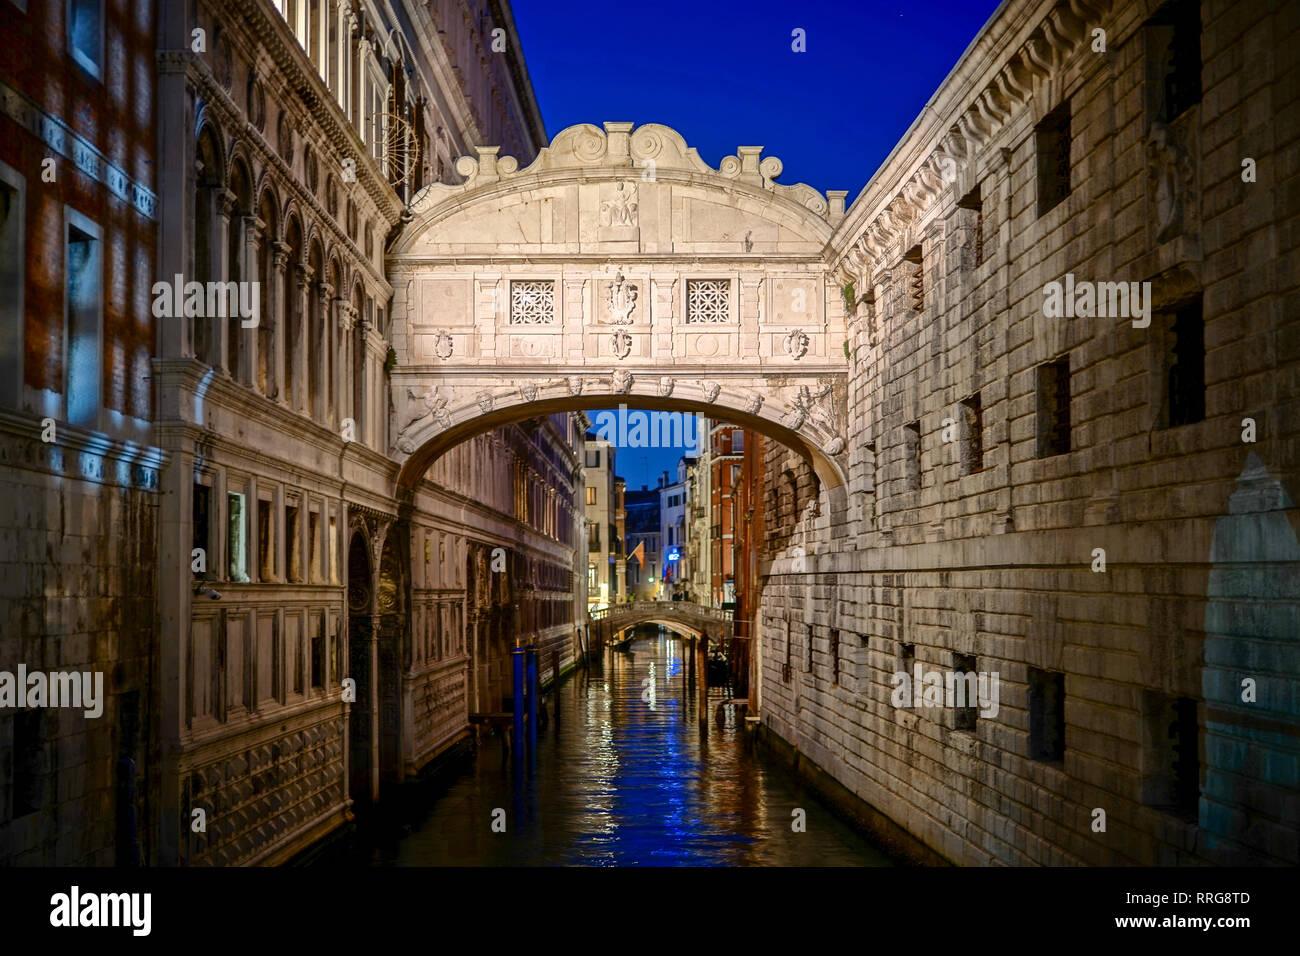 El Puente de los suspiros de noche en Venecia. A partir de una serie de fotos de viaje en Italia. Foto Fecha: lunes, 11 de febrero de 2019. Foto: Roger Garfield/Alamy Foto de stock